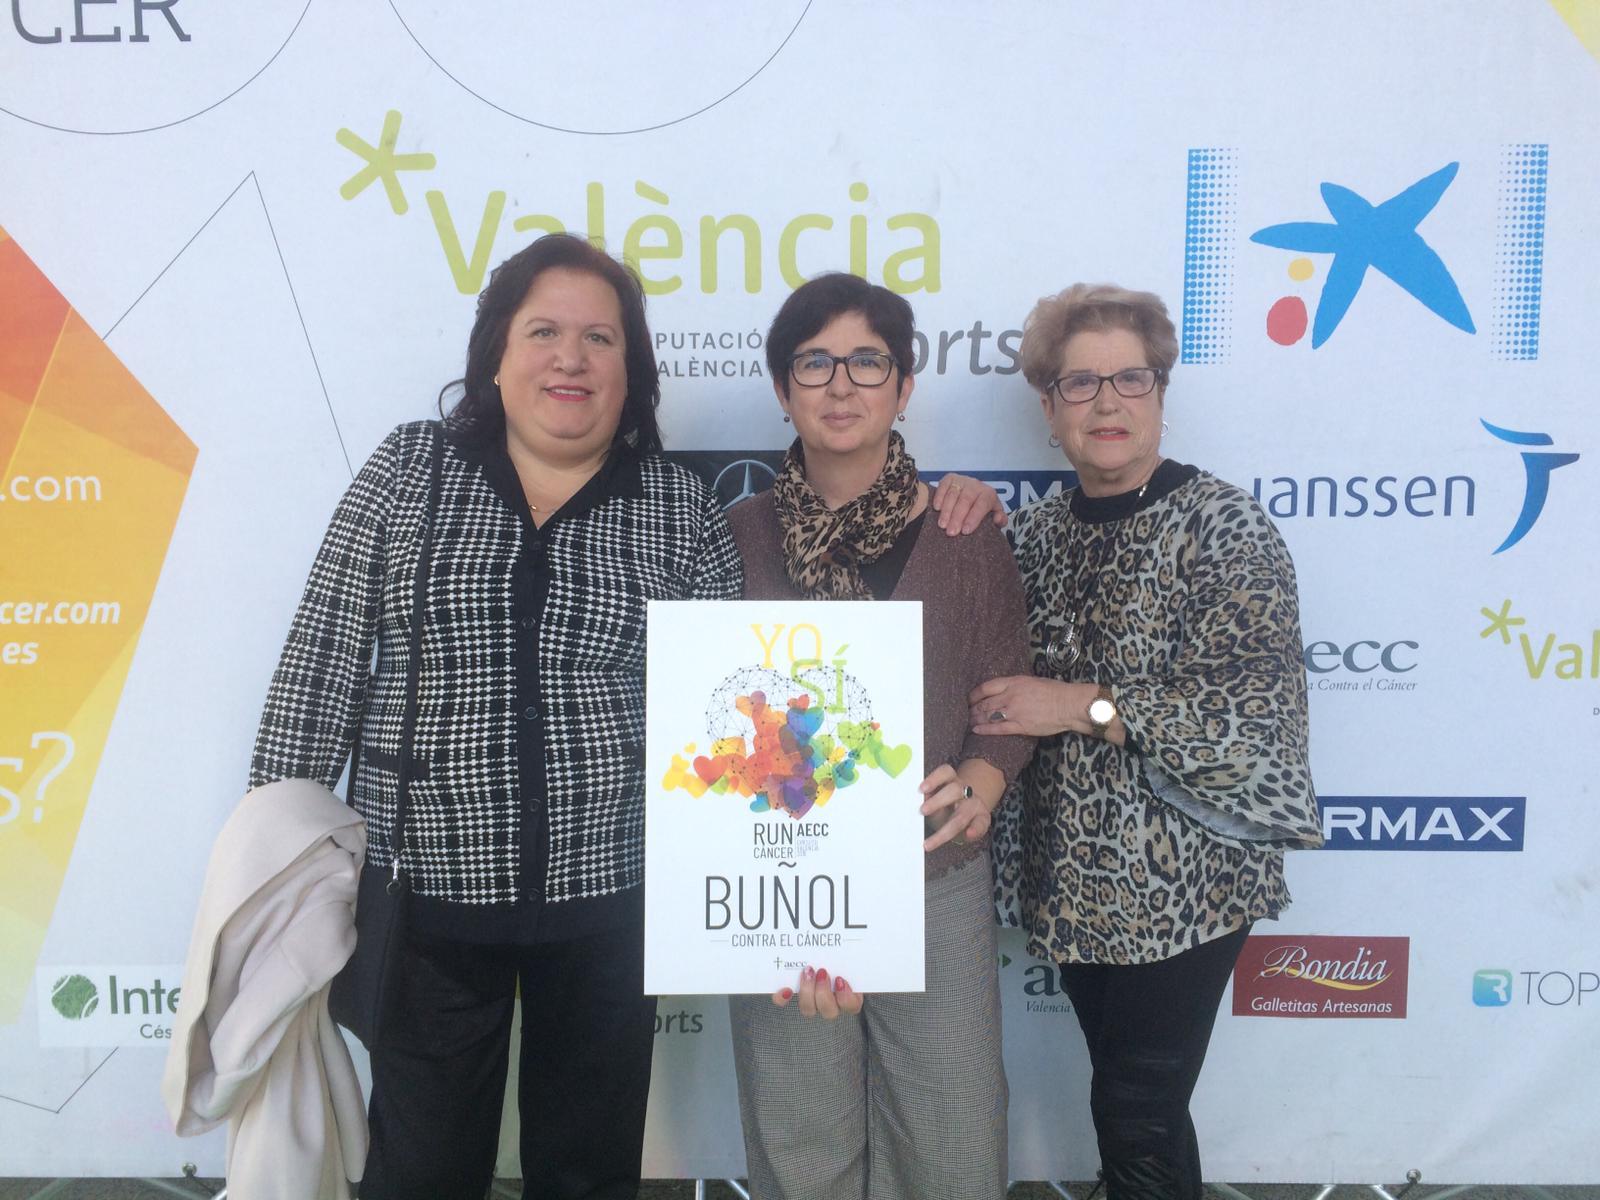 Un representación de la AECC de Buñol junto a la alcaldesa, Juncal Carrascosa, han asistido a la gala en el Palacio de Congresos.